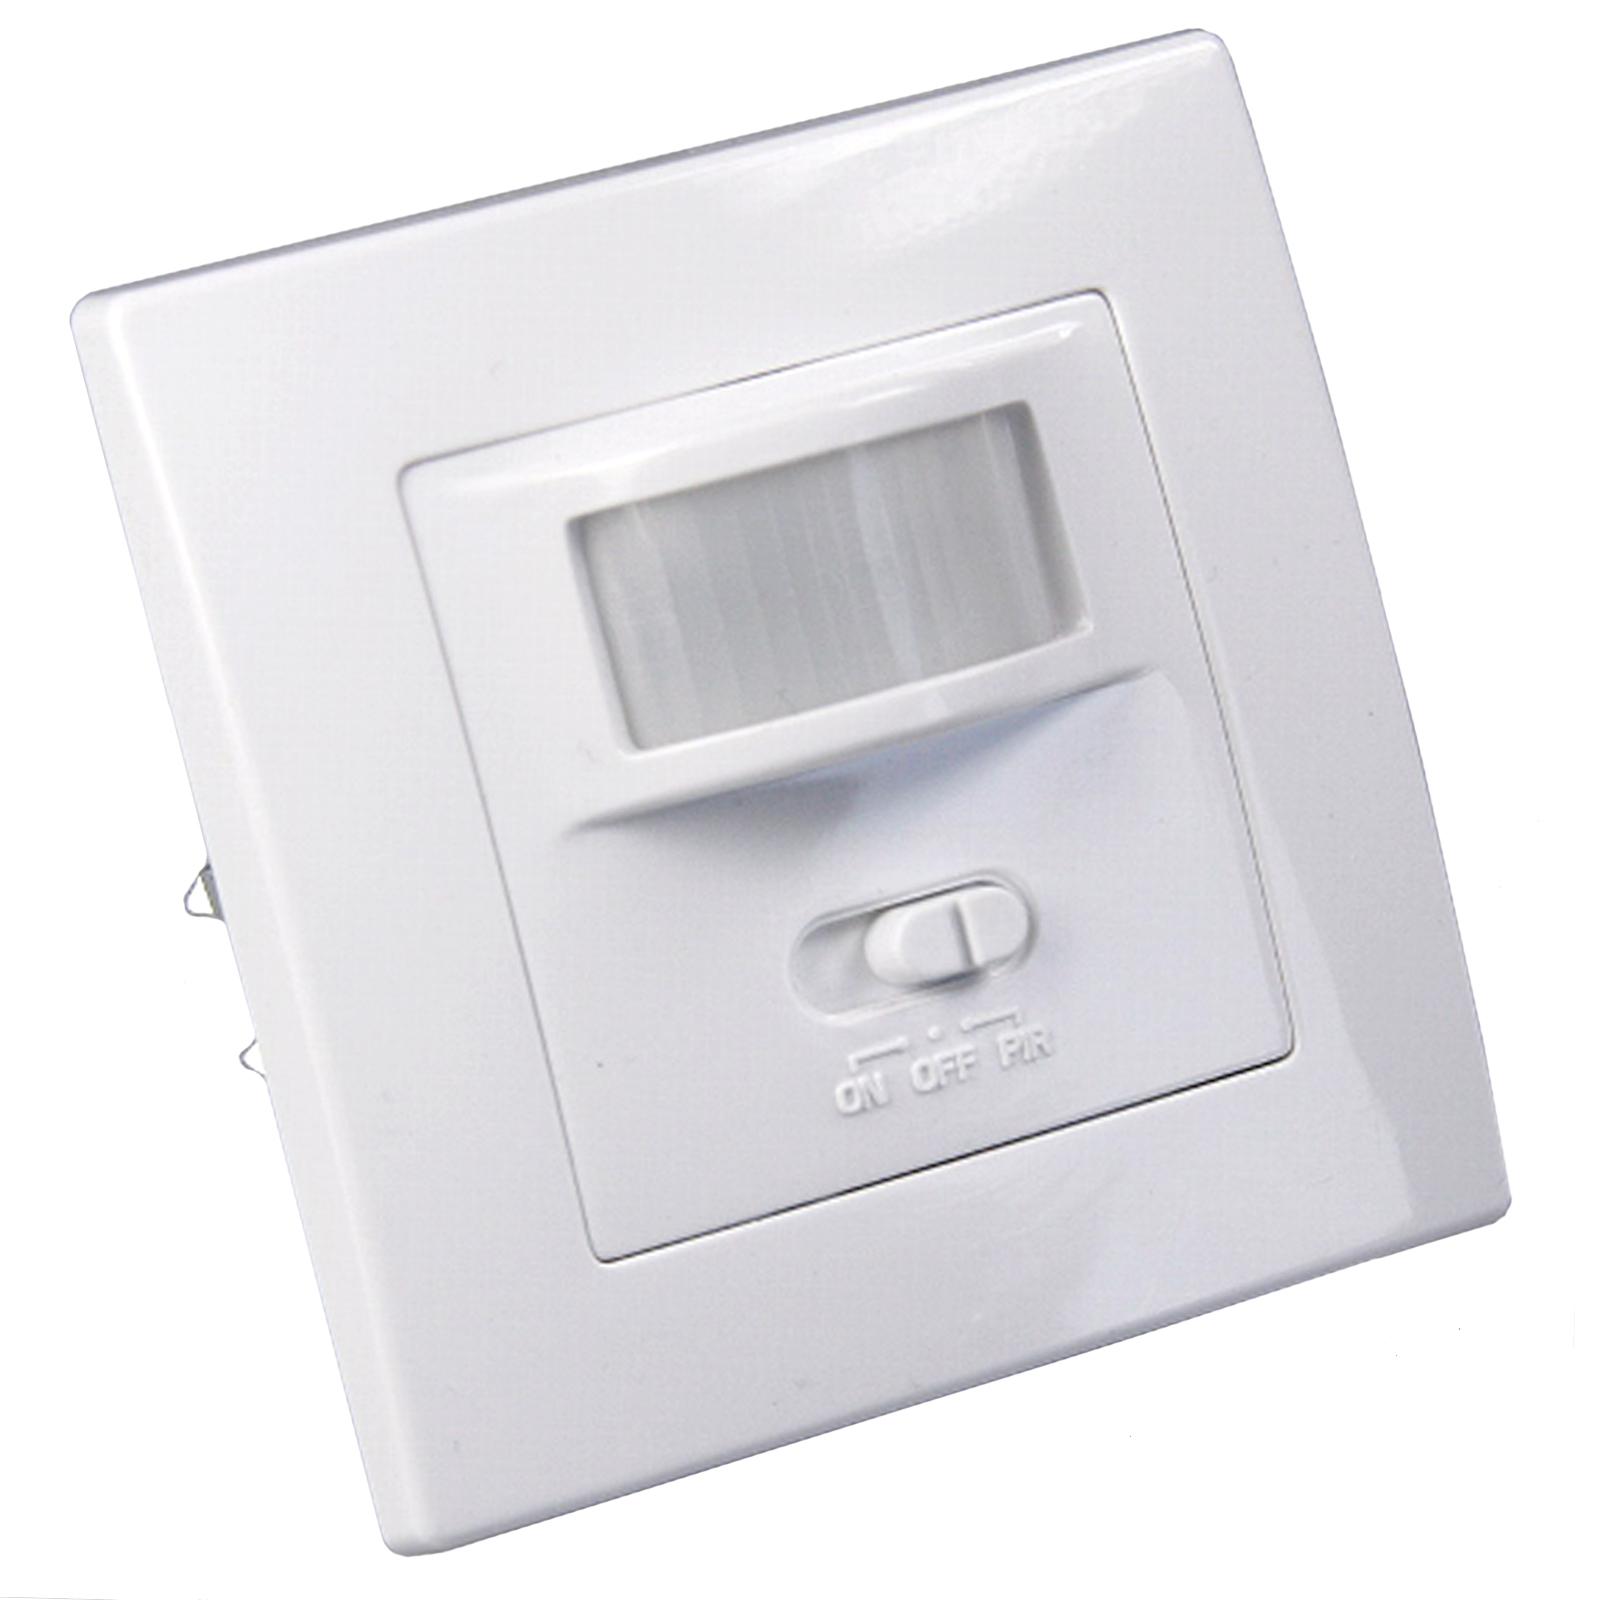 infrarot bewegungsmelder unterputz wand einbau 160 9m 1 500w led lampen ip20 ebay. Black Bedroom Furniture Sets. Home Design Ideas